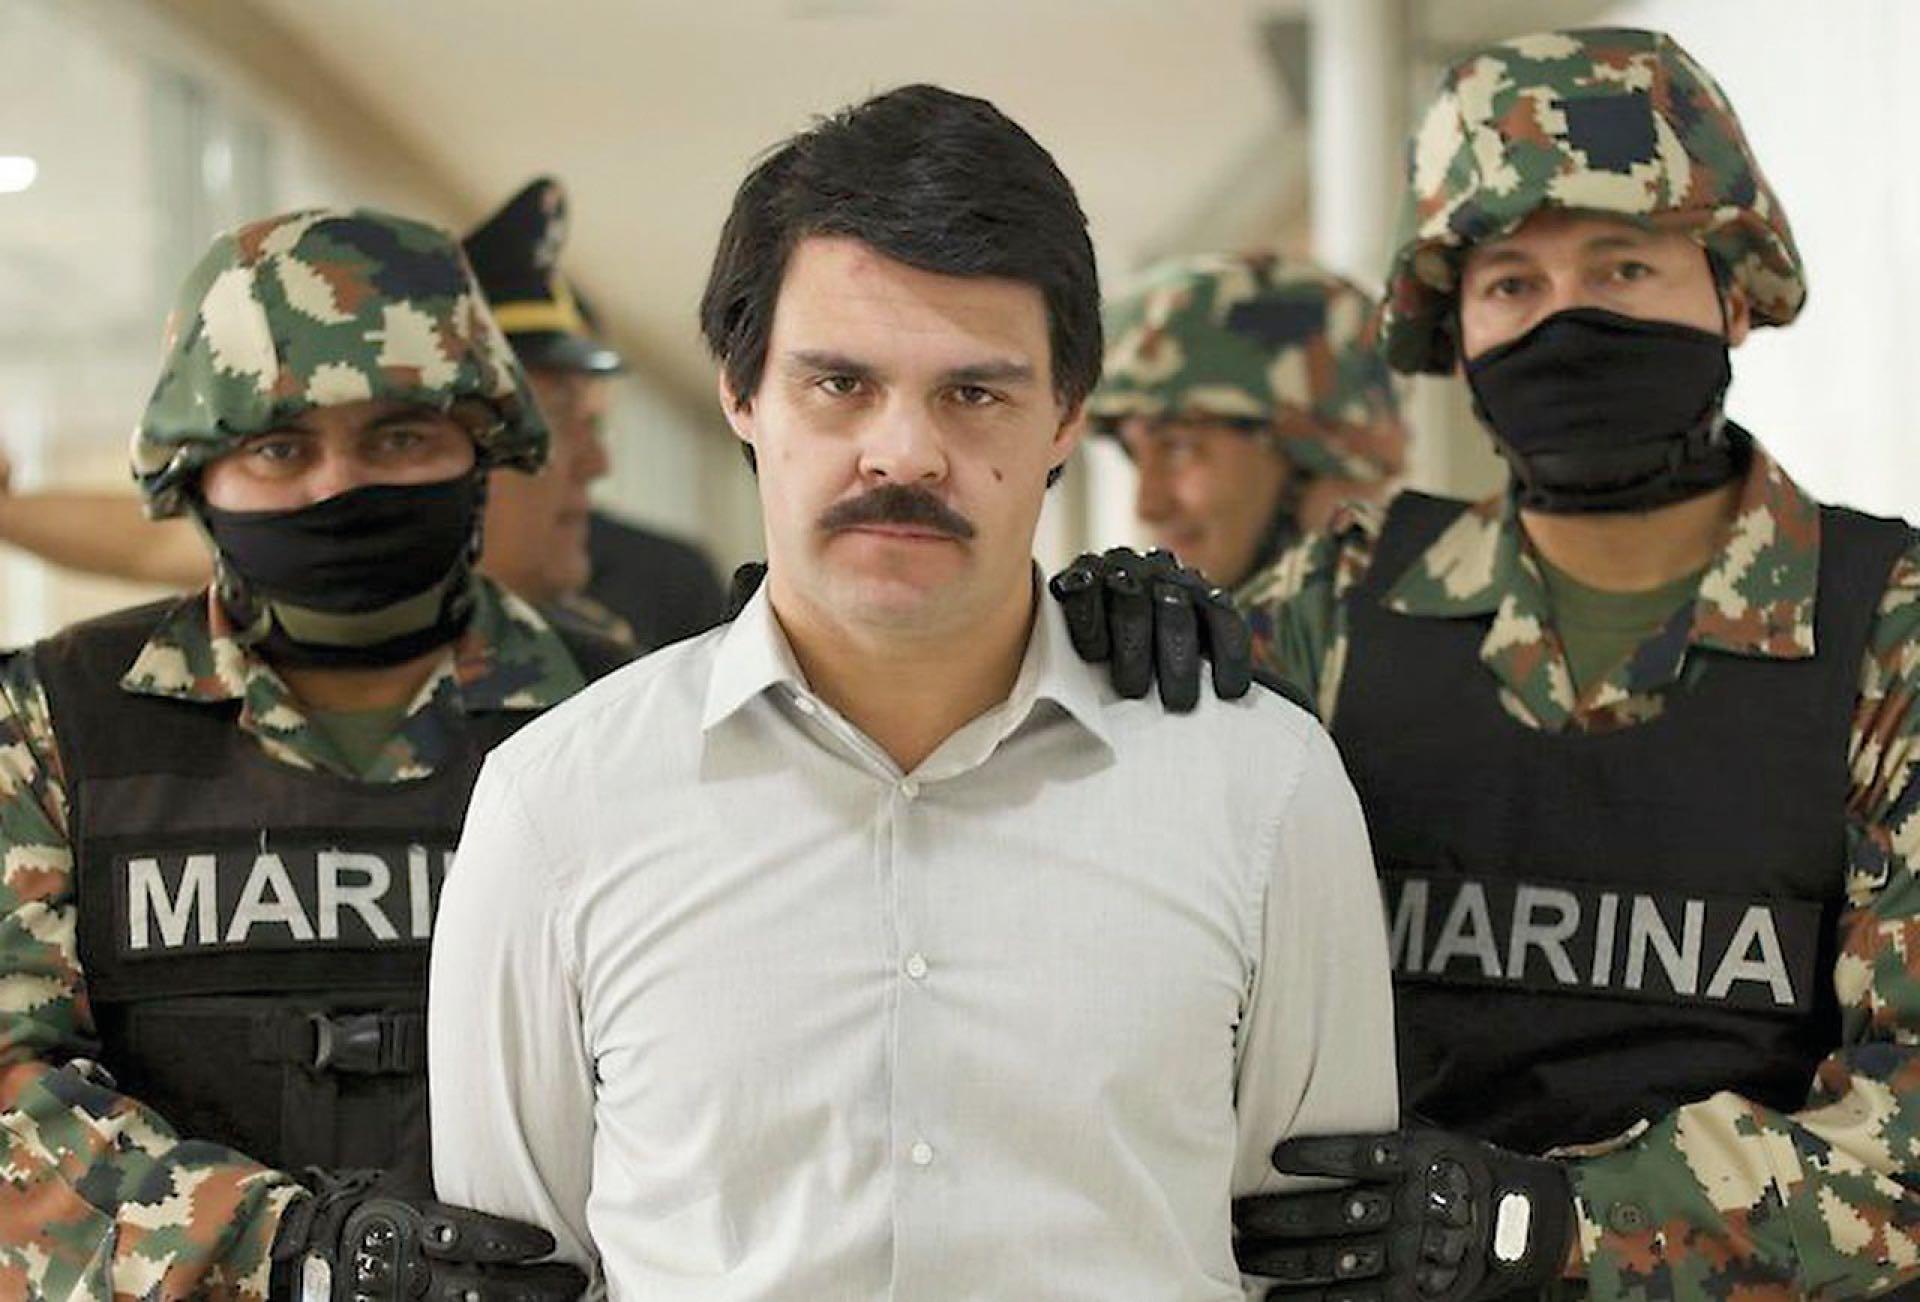 El Chapo, una novela narco que es marca registrada de la ficción mexicana.